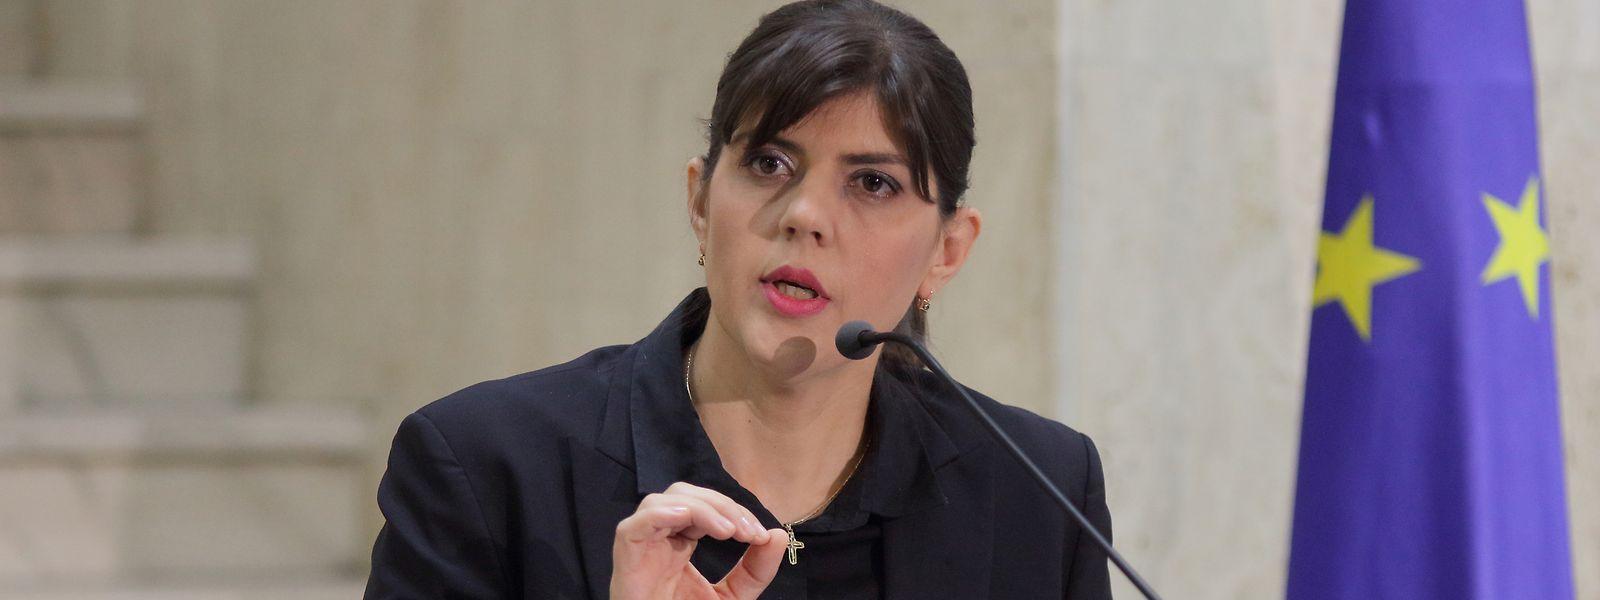 La procureure Laura Codruta Kovesi a déjà des bâtons dans les roues avant d'être installée.